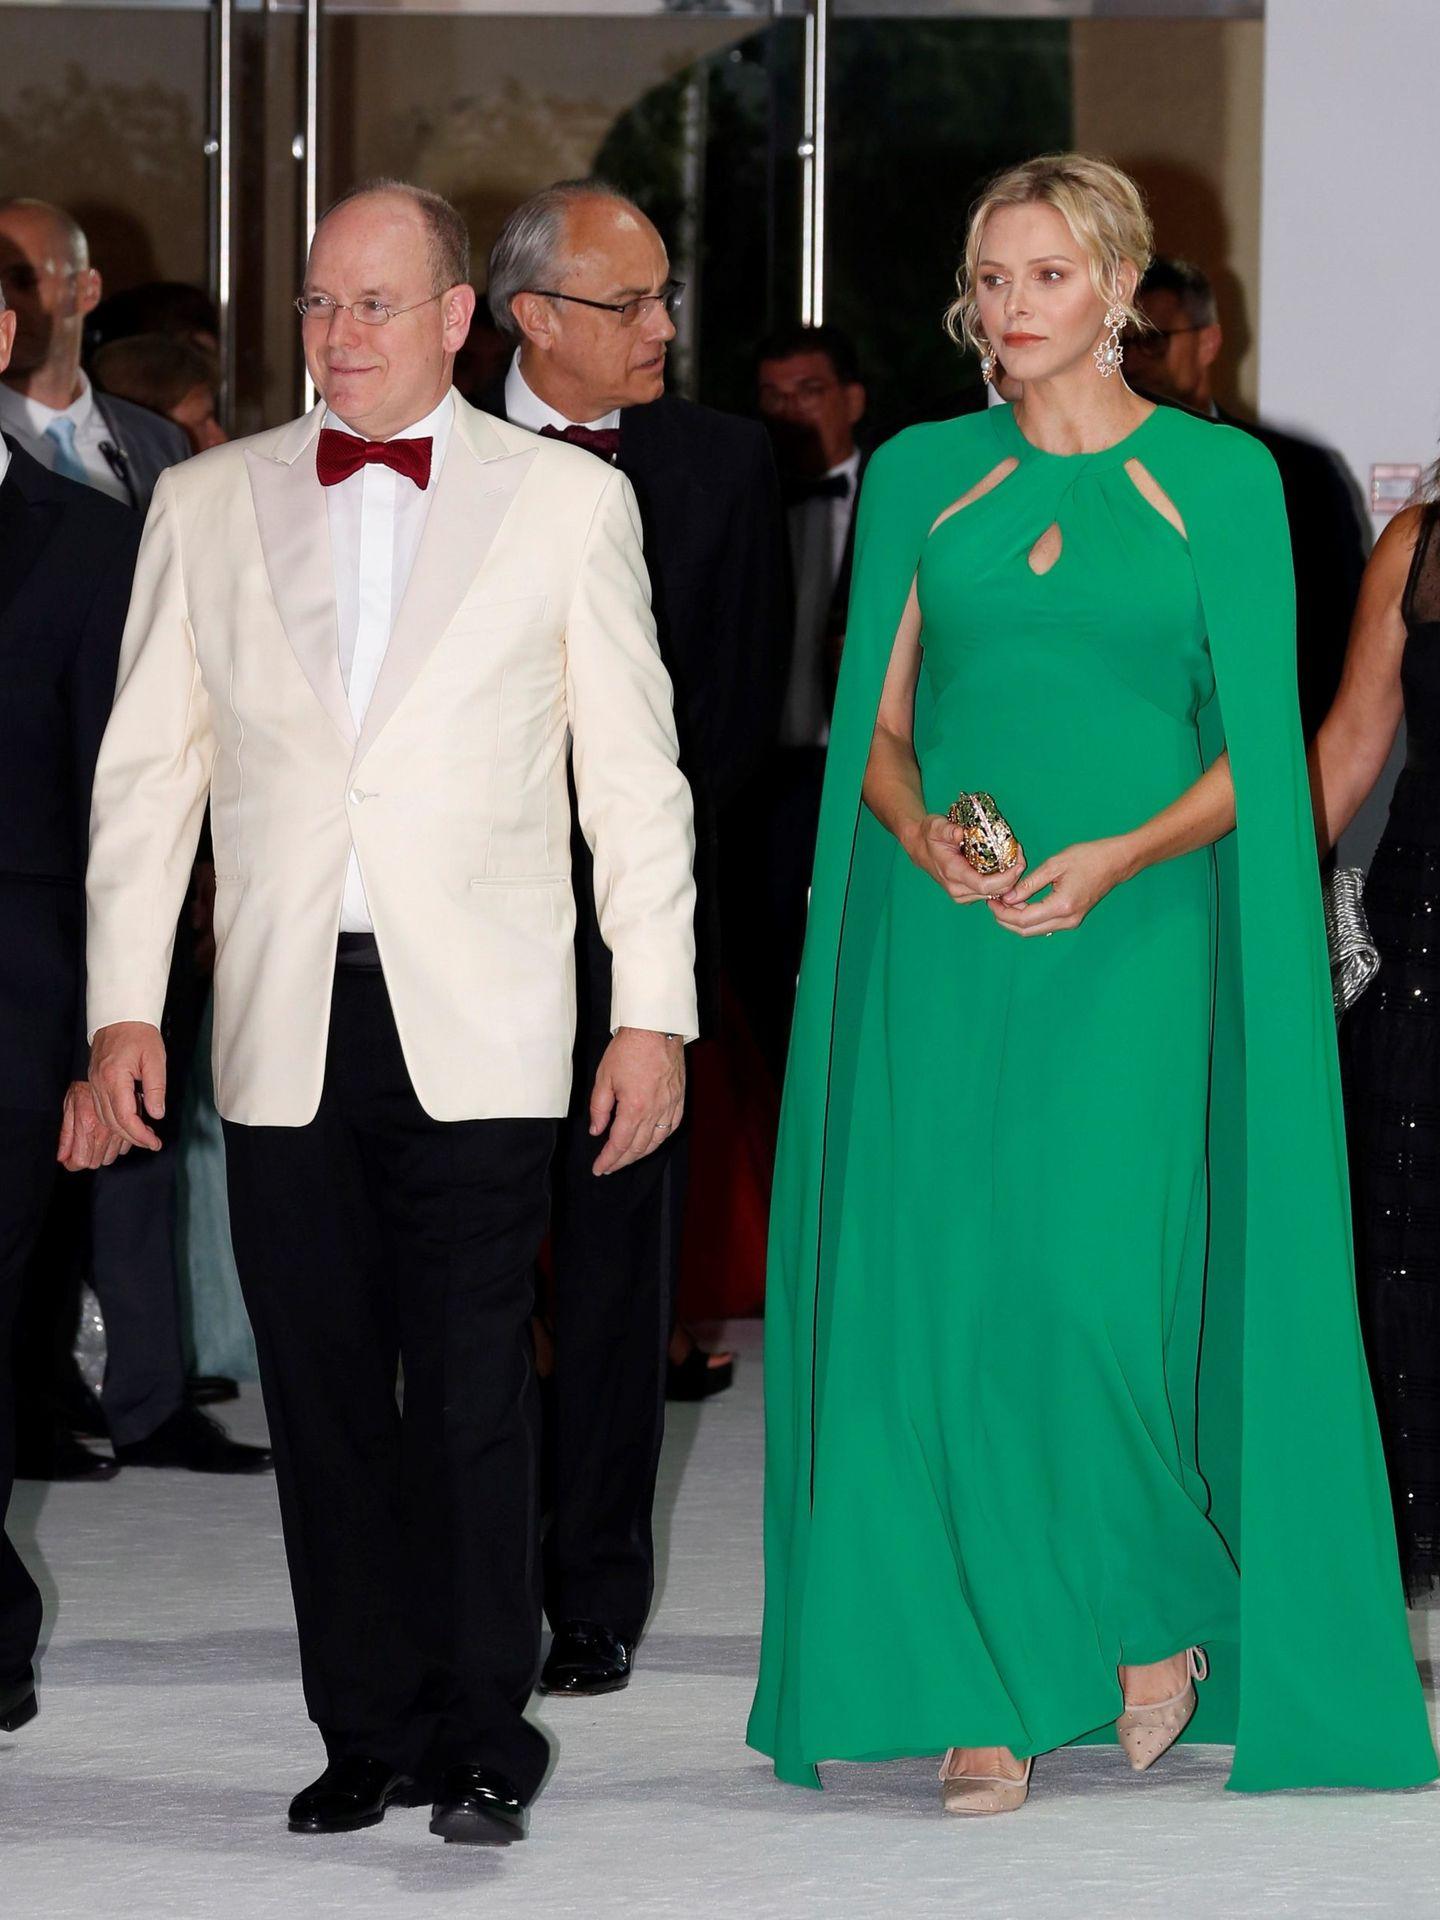 Albert II de Mónaco y Charlene de Mónaco en la gala de la Cruz Roja 2019. (EFE)